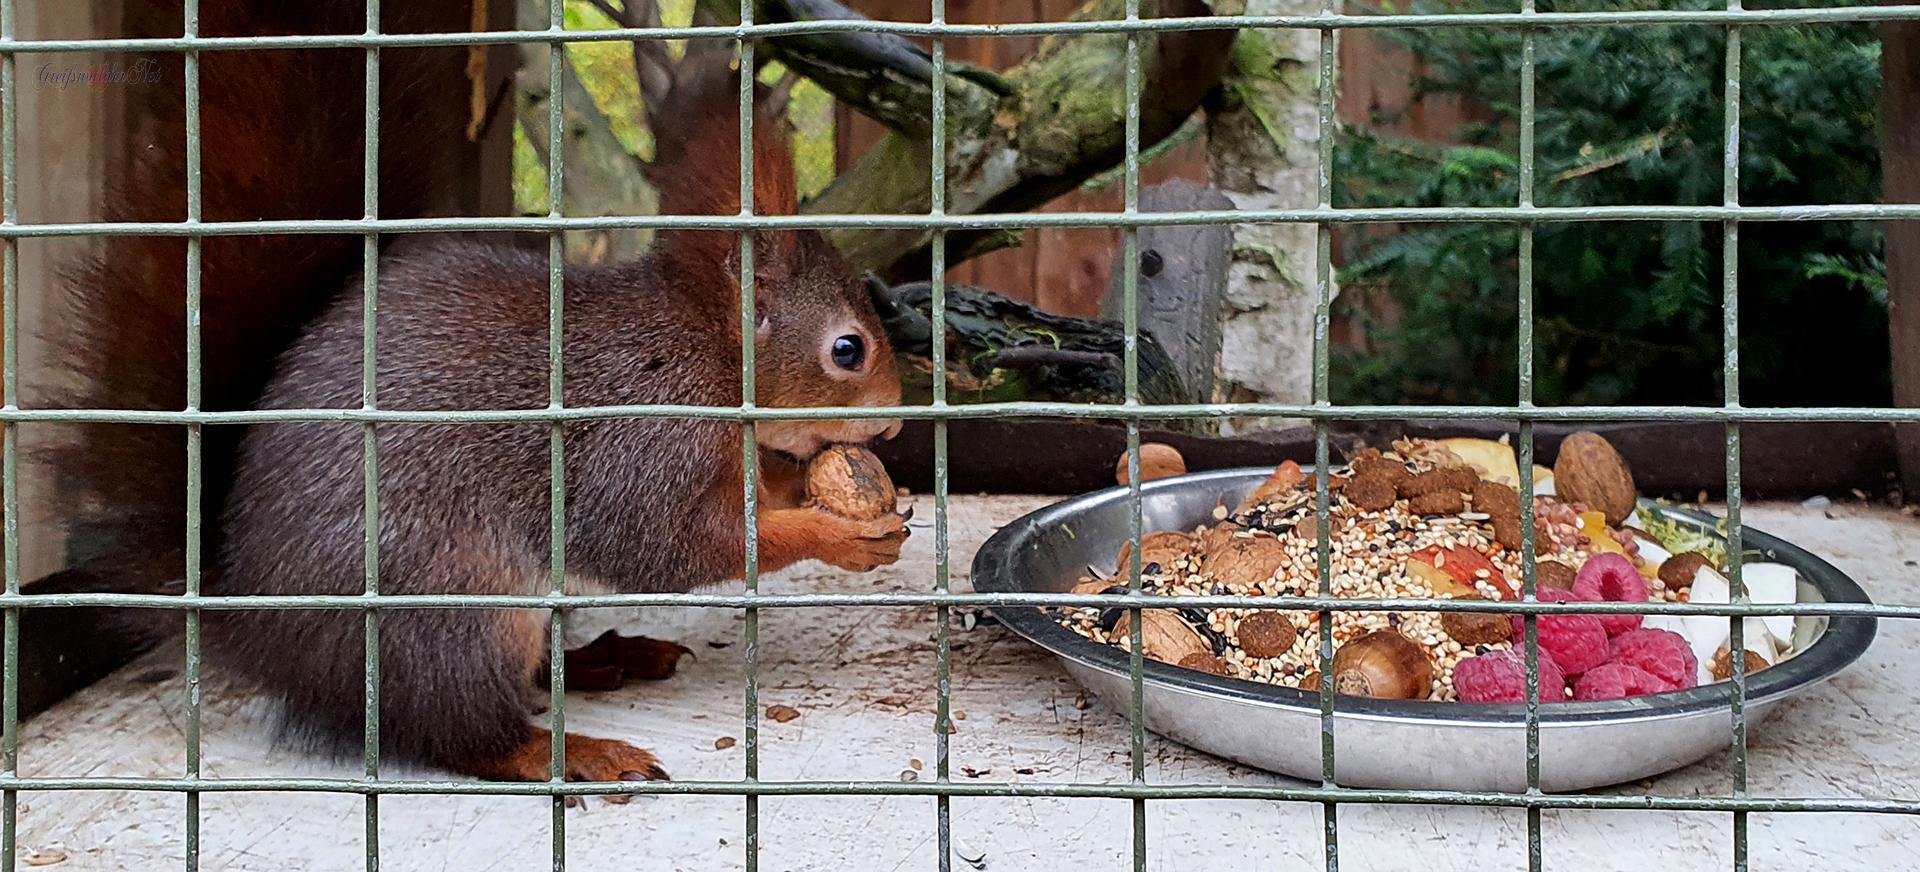 Eichhörnchen Fütterung im Tierpark Greifswald